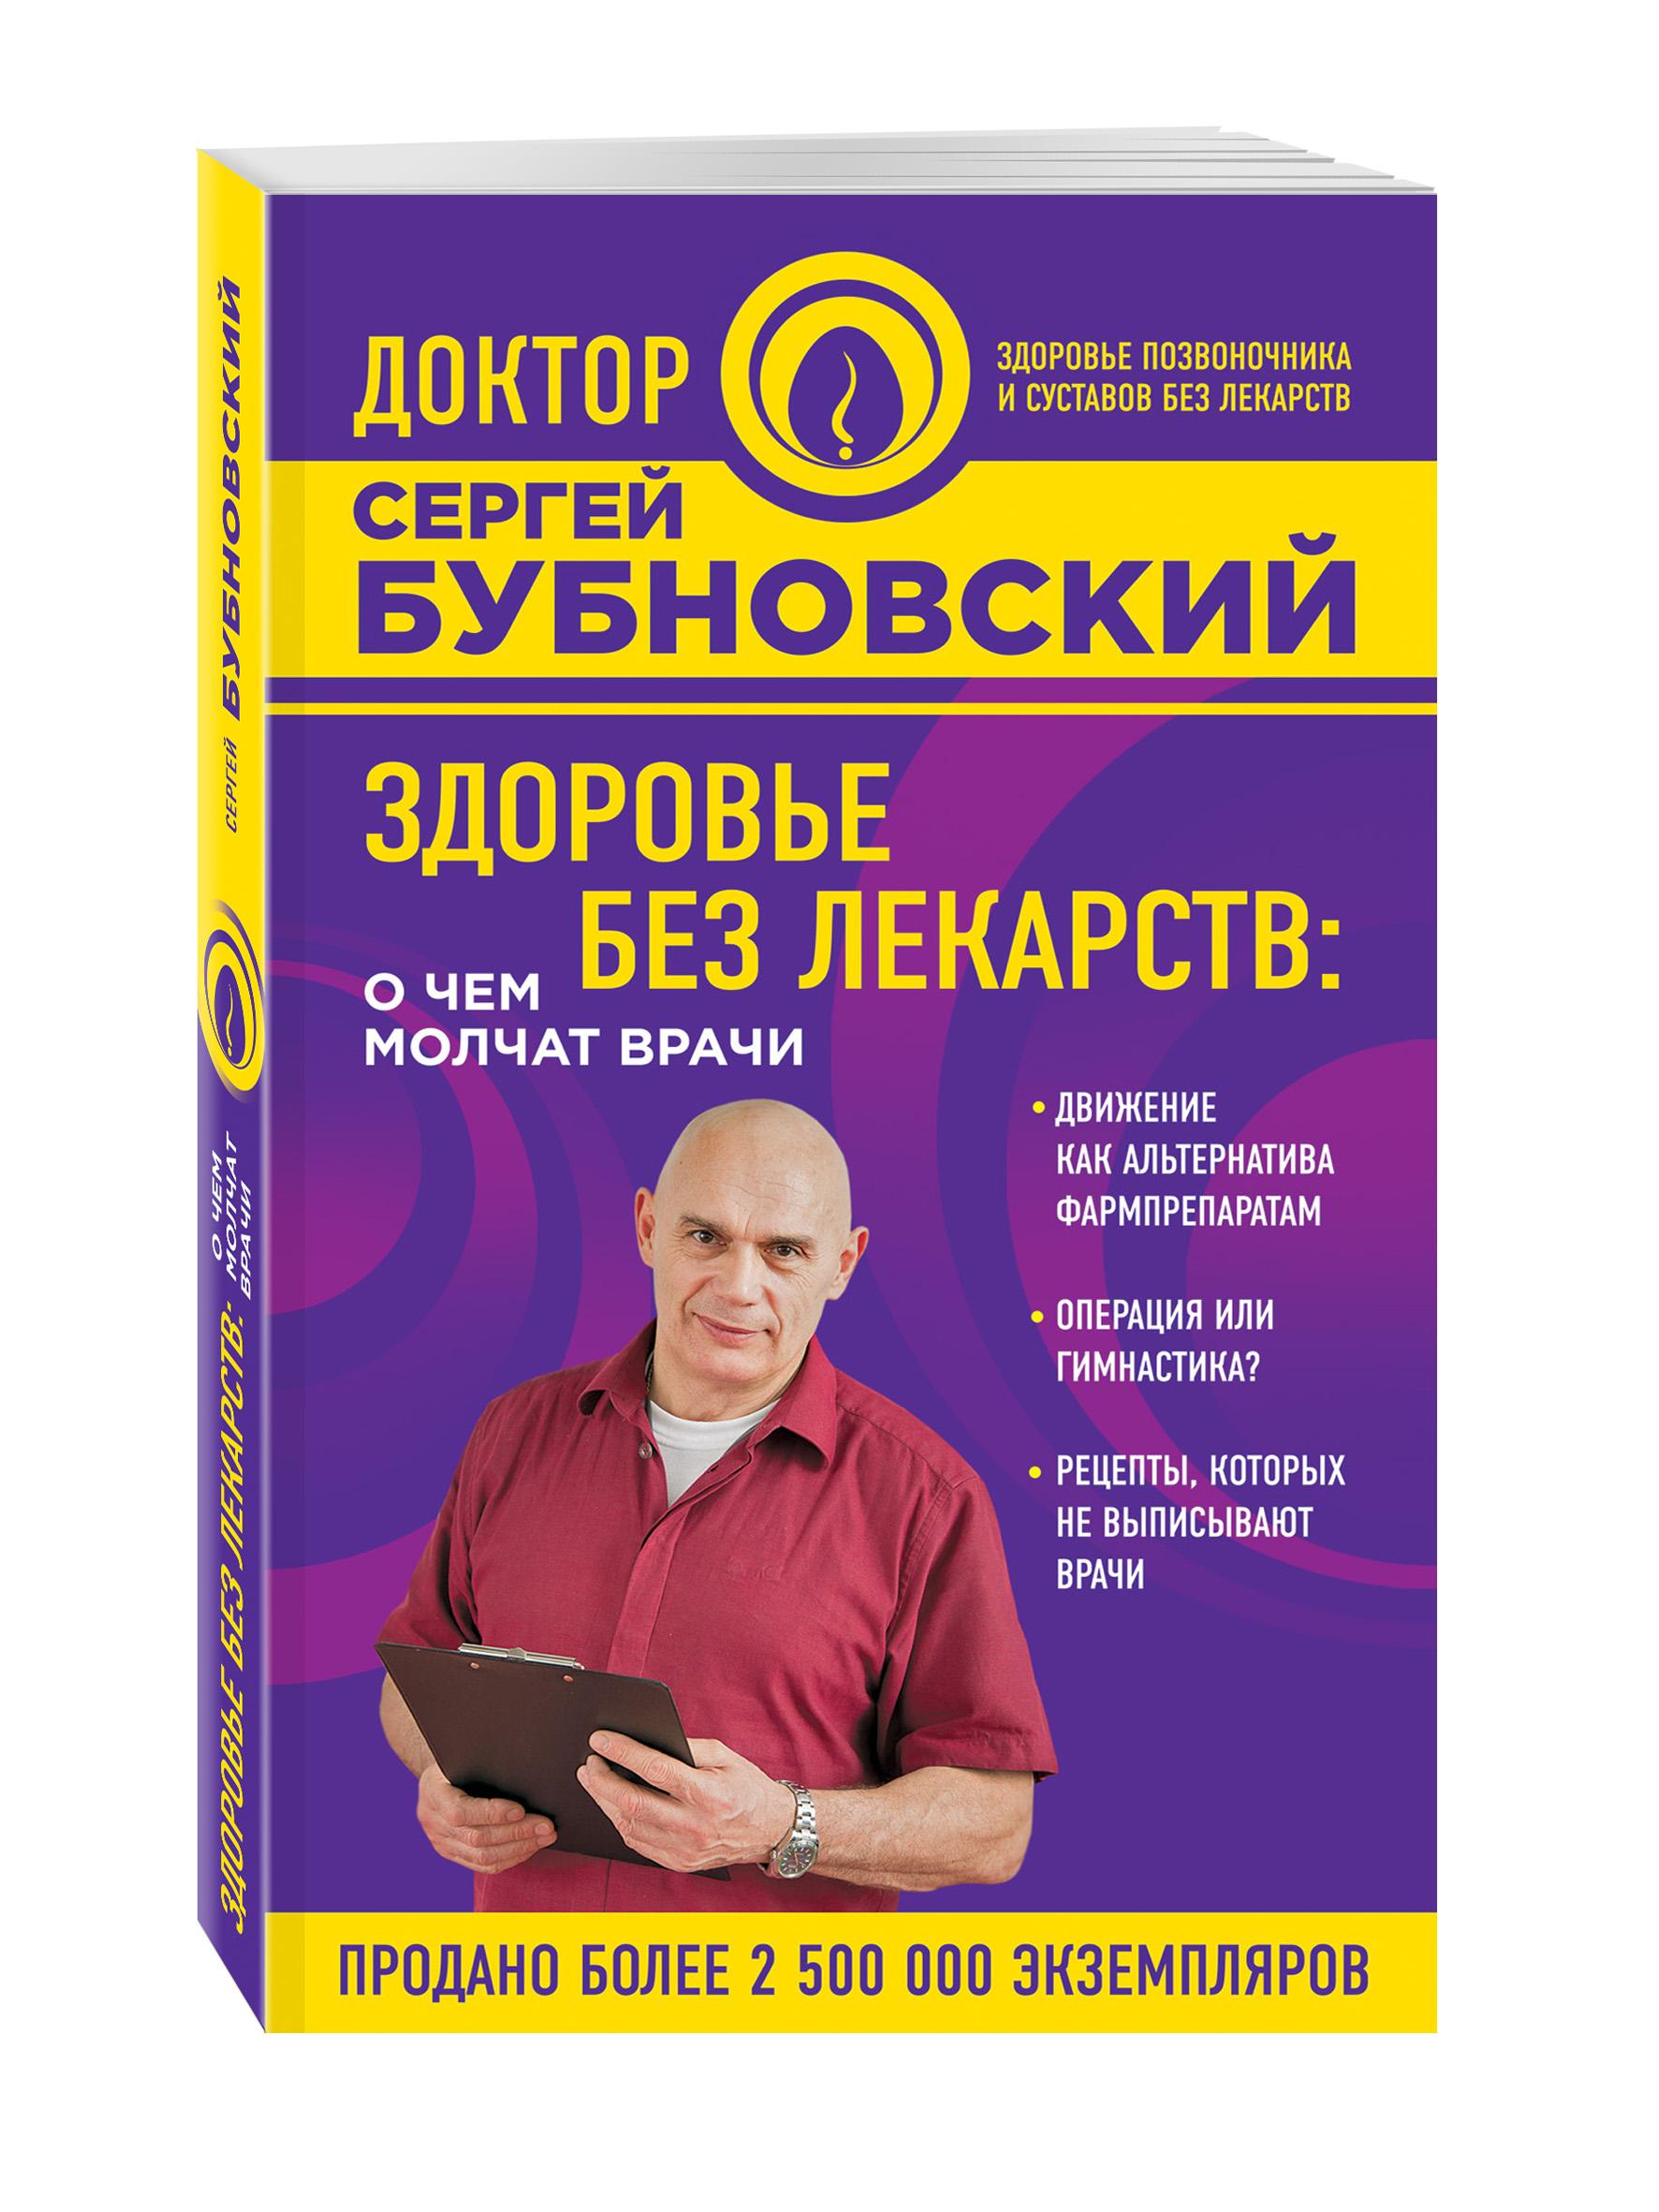 Здоровье без лекарств: о чем молчат врачи ( Сергей Бубновский  )